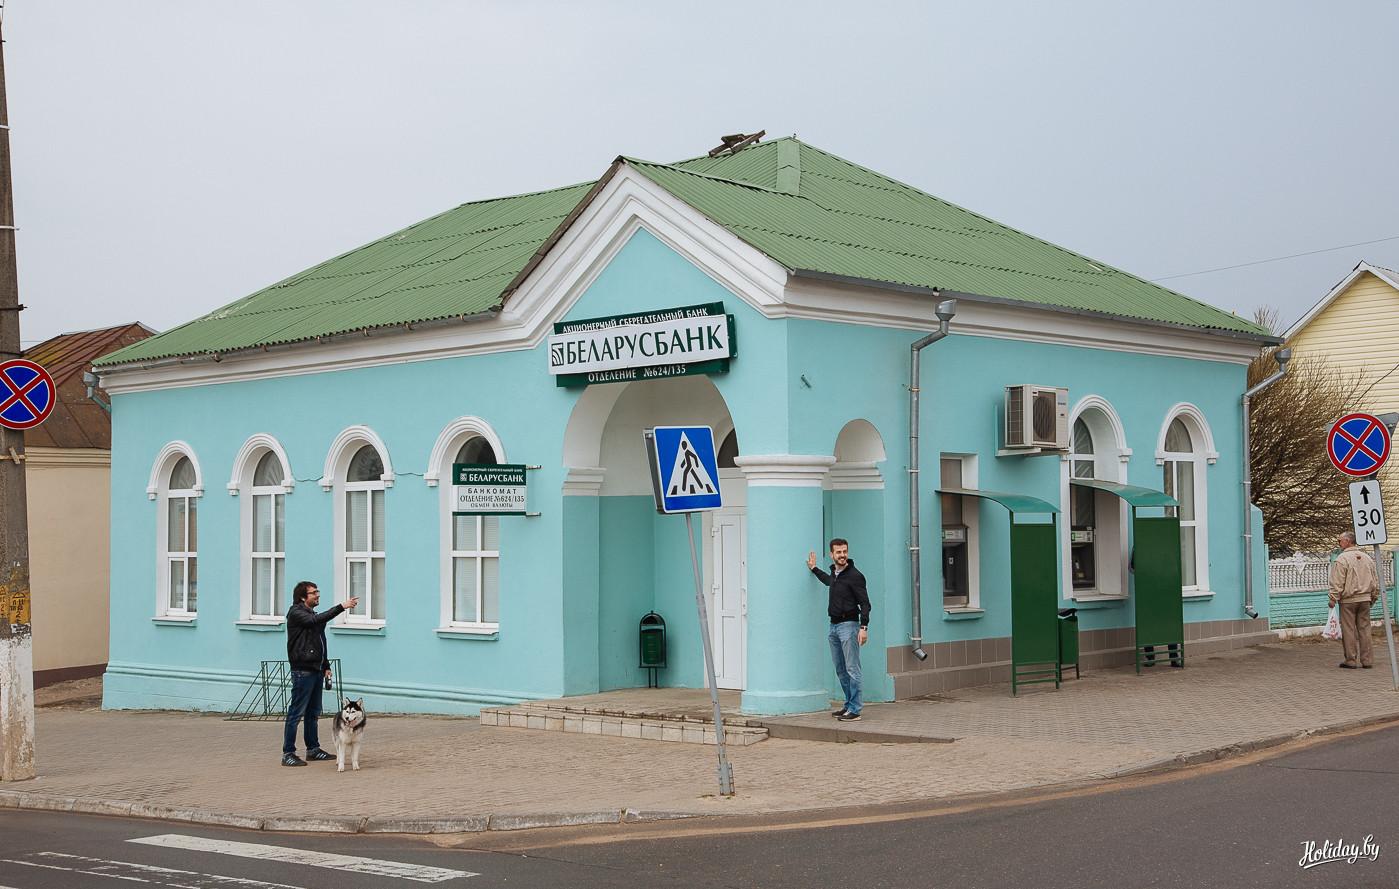 Мне показалось, что именно в этой колонне находится вся сила белорусской банковской системы